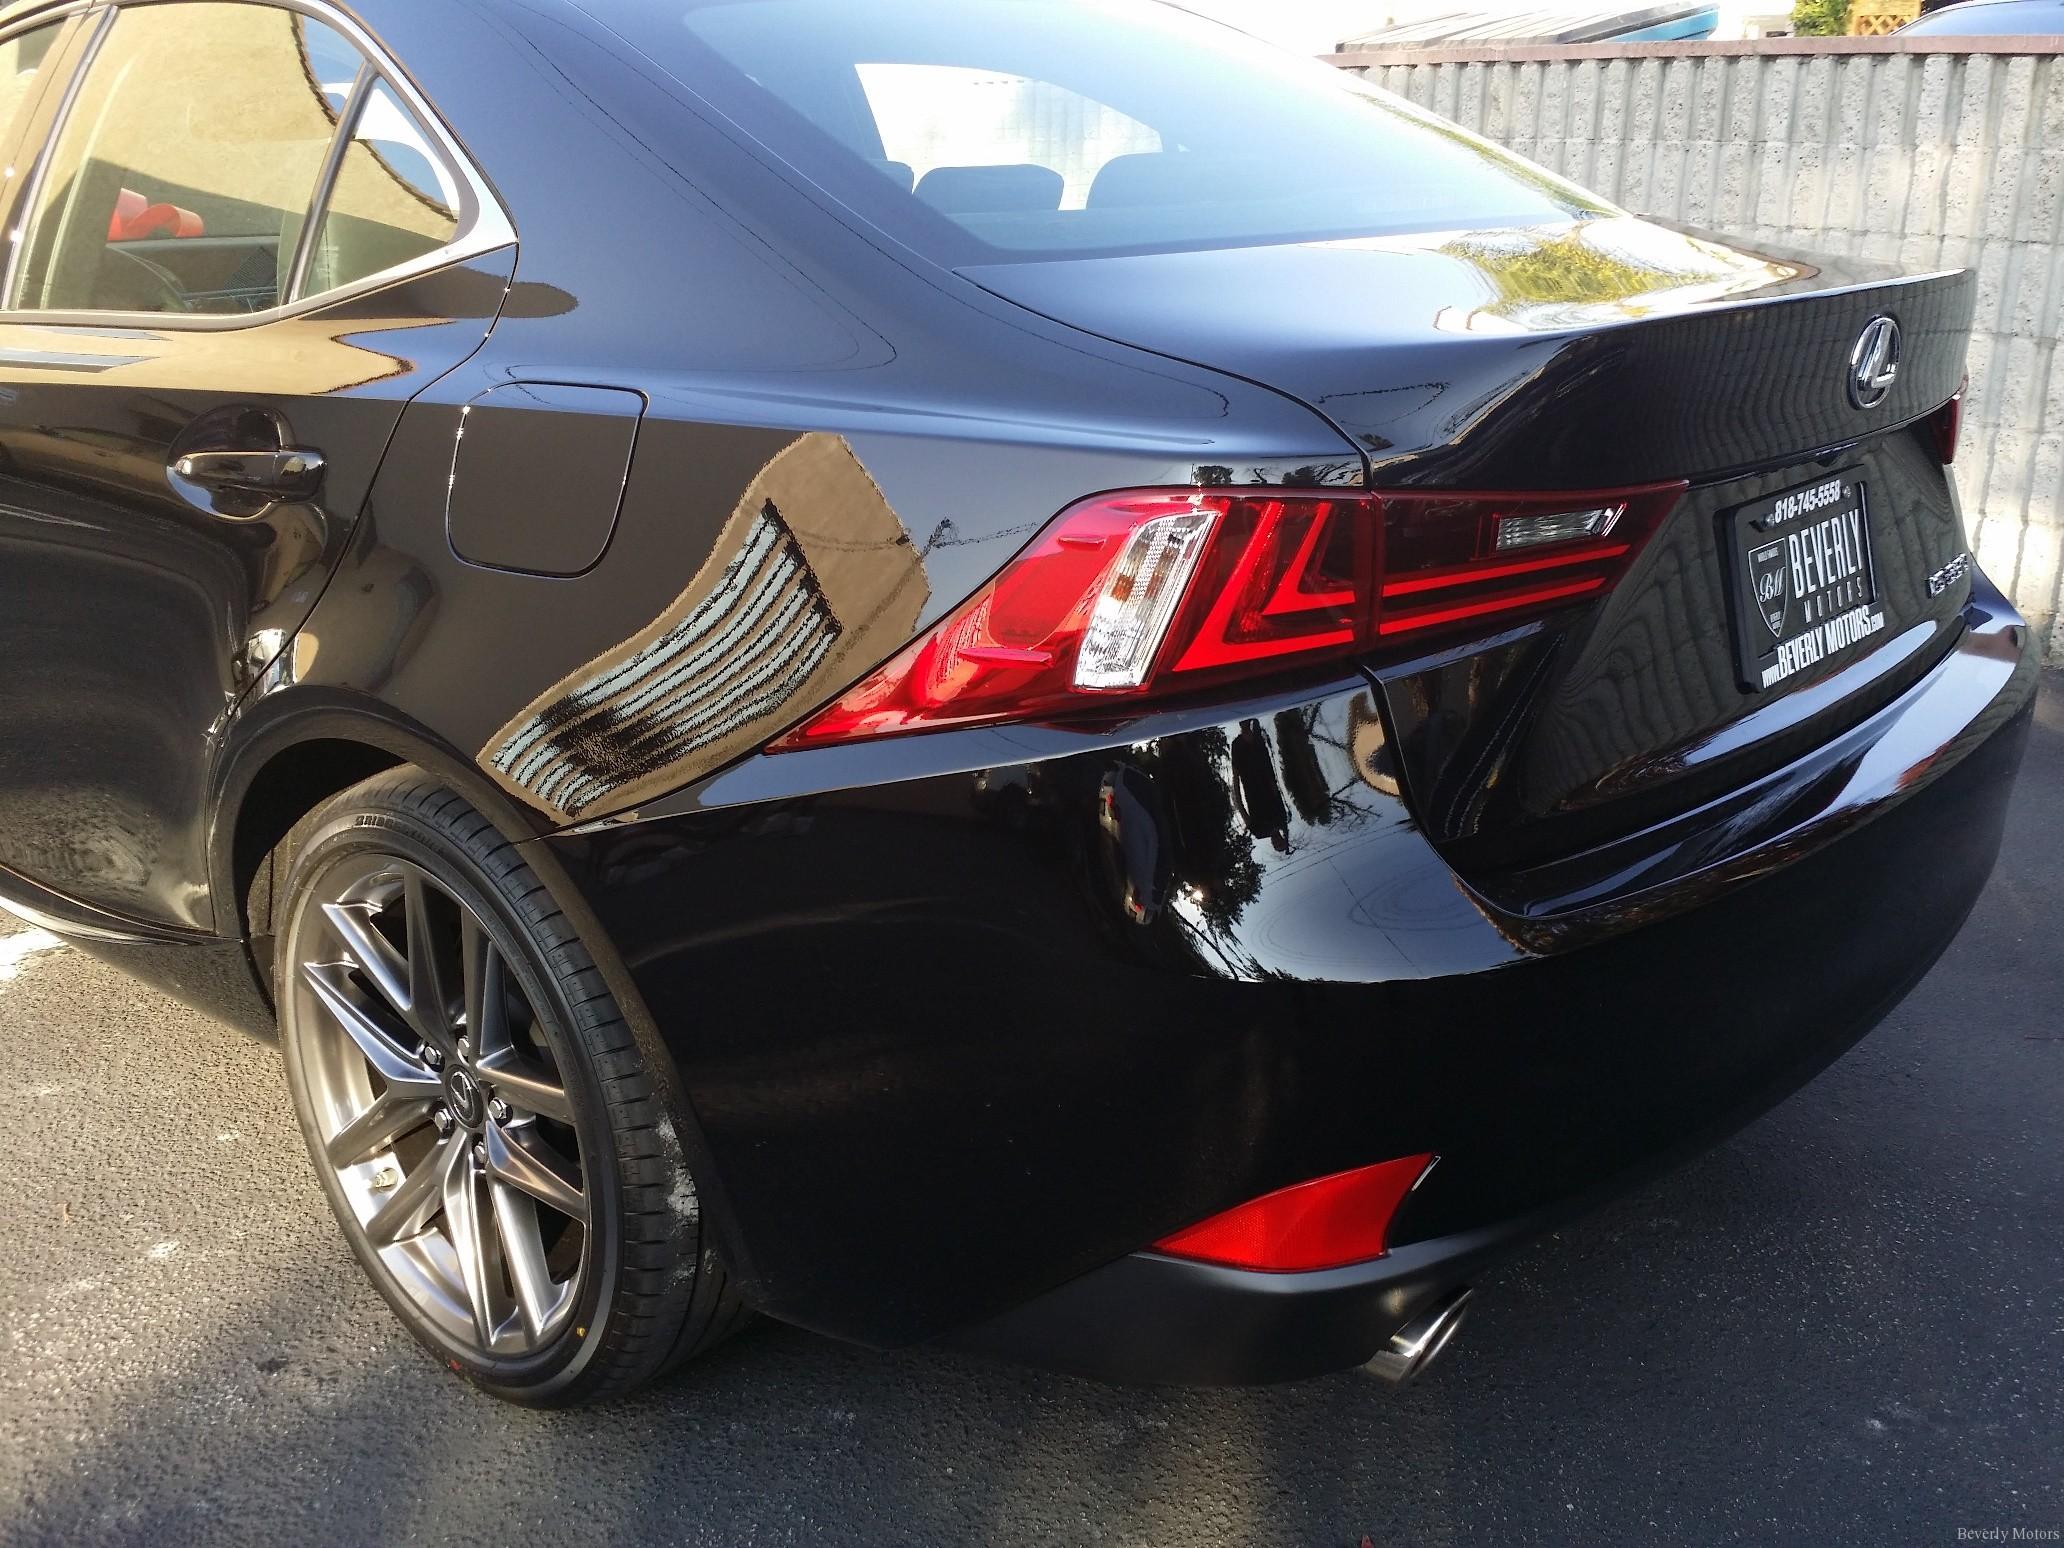 12 12 13 2014 Lexus IS350 F Sport Glendale Auto Leasing New